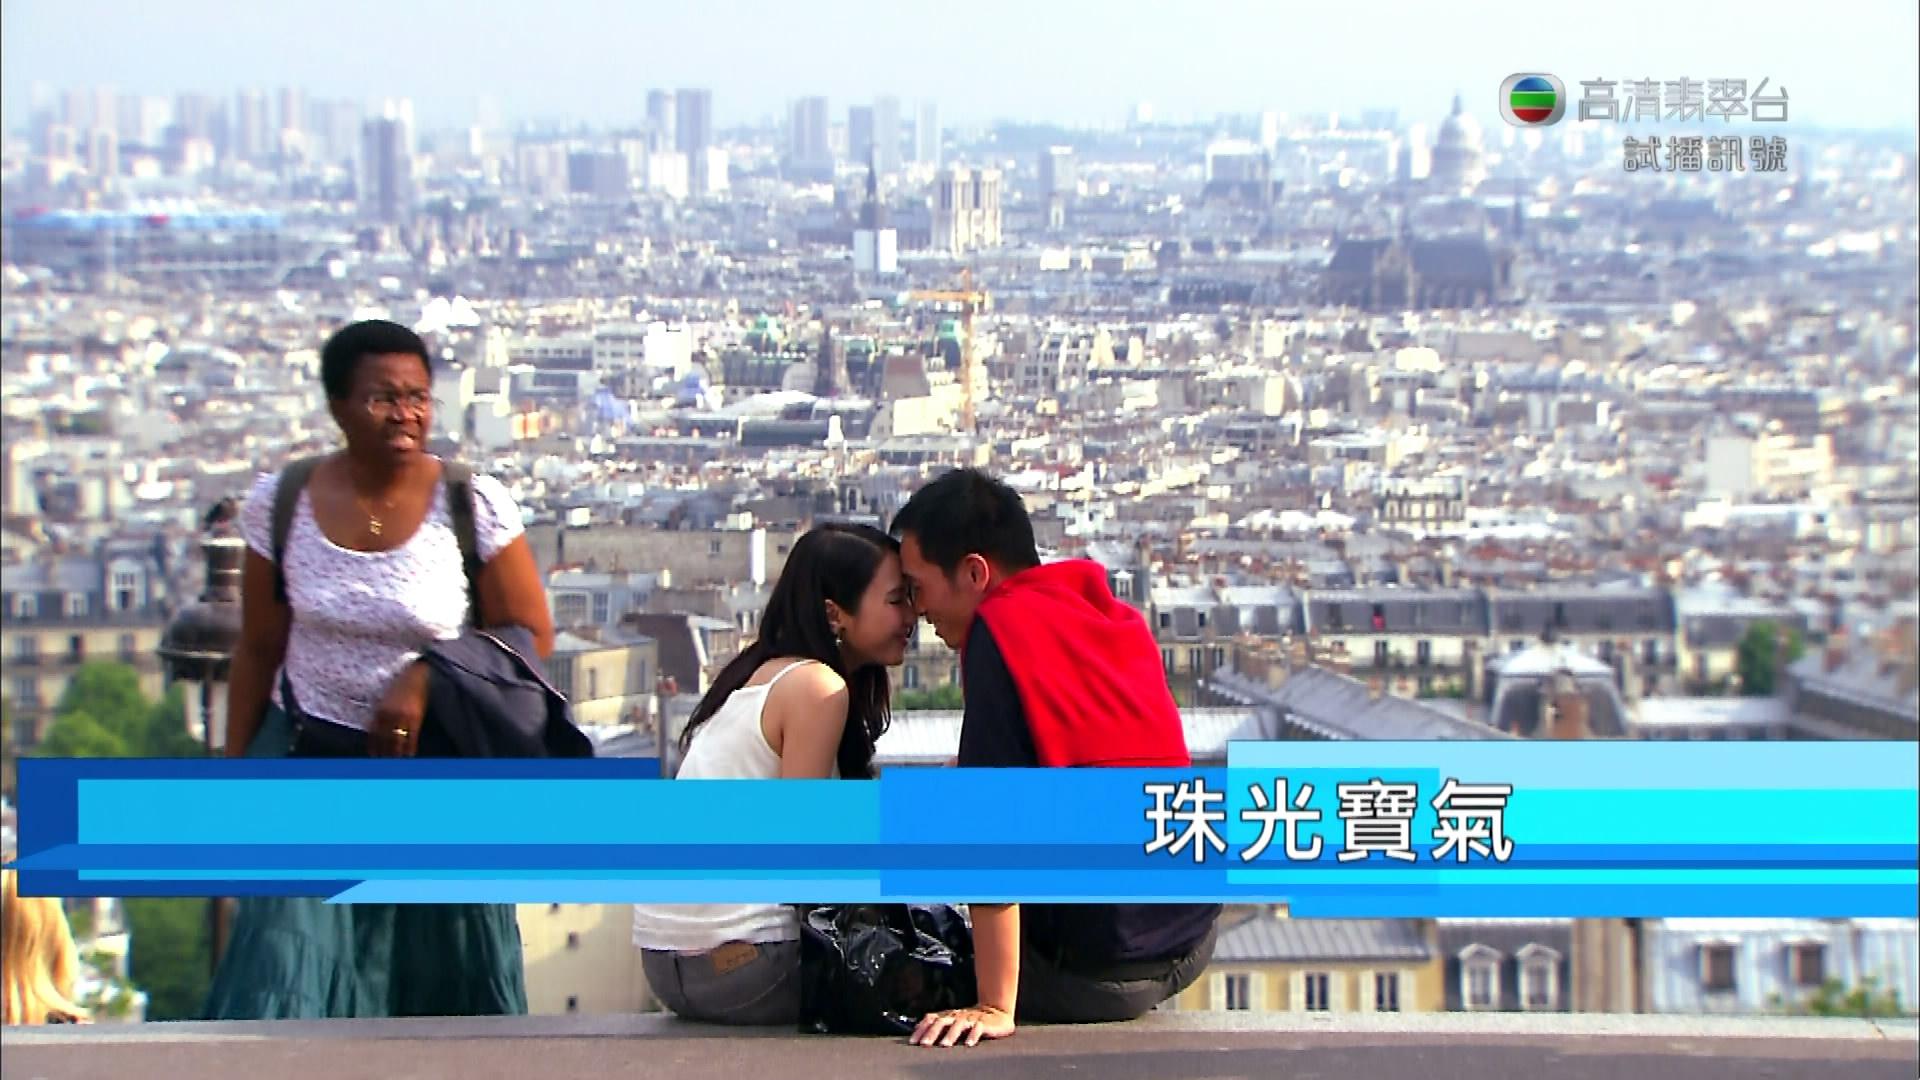 求珠光宝气中黎姿与陈豪在法国头碰头的那张剧照